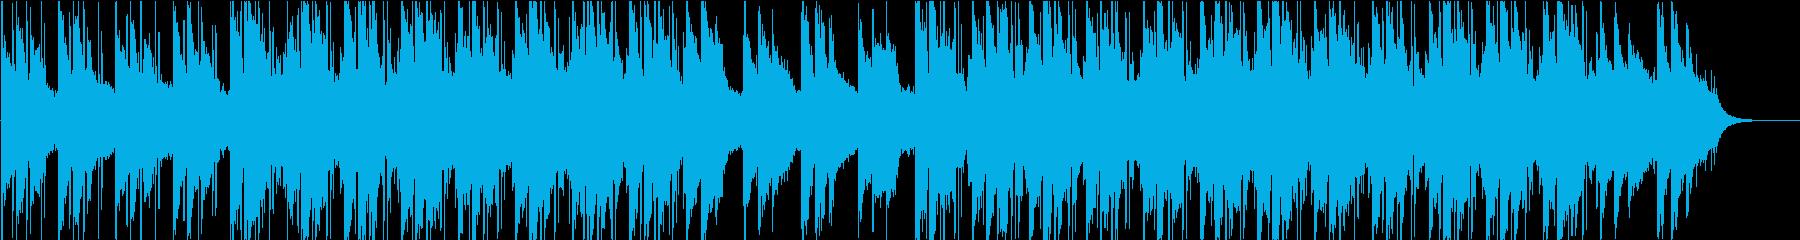 近未来的な雰囲気を持つBGM(WAV)の再生済みの波形